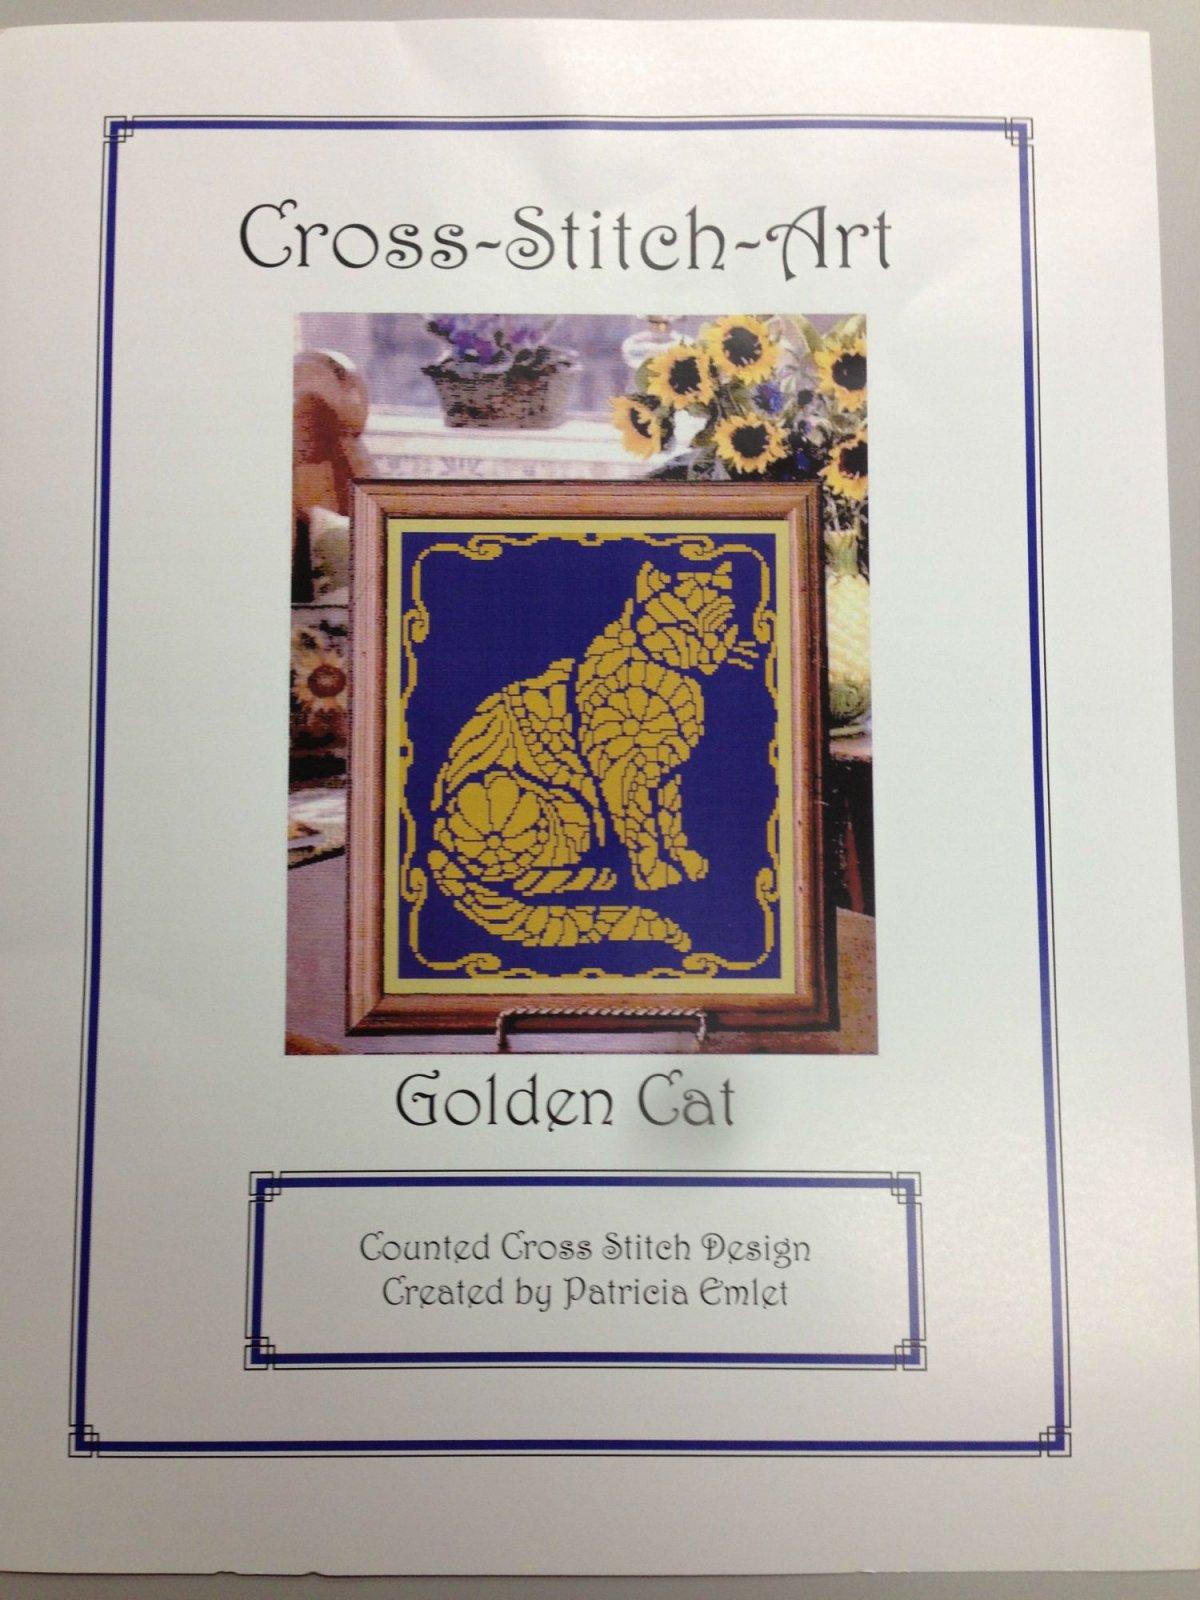 Cross-Stitch-Art Golden Cat